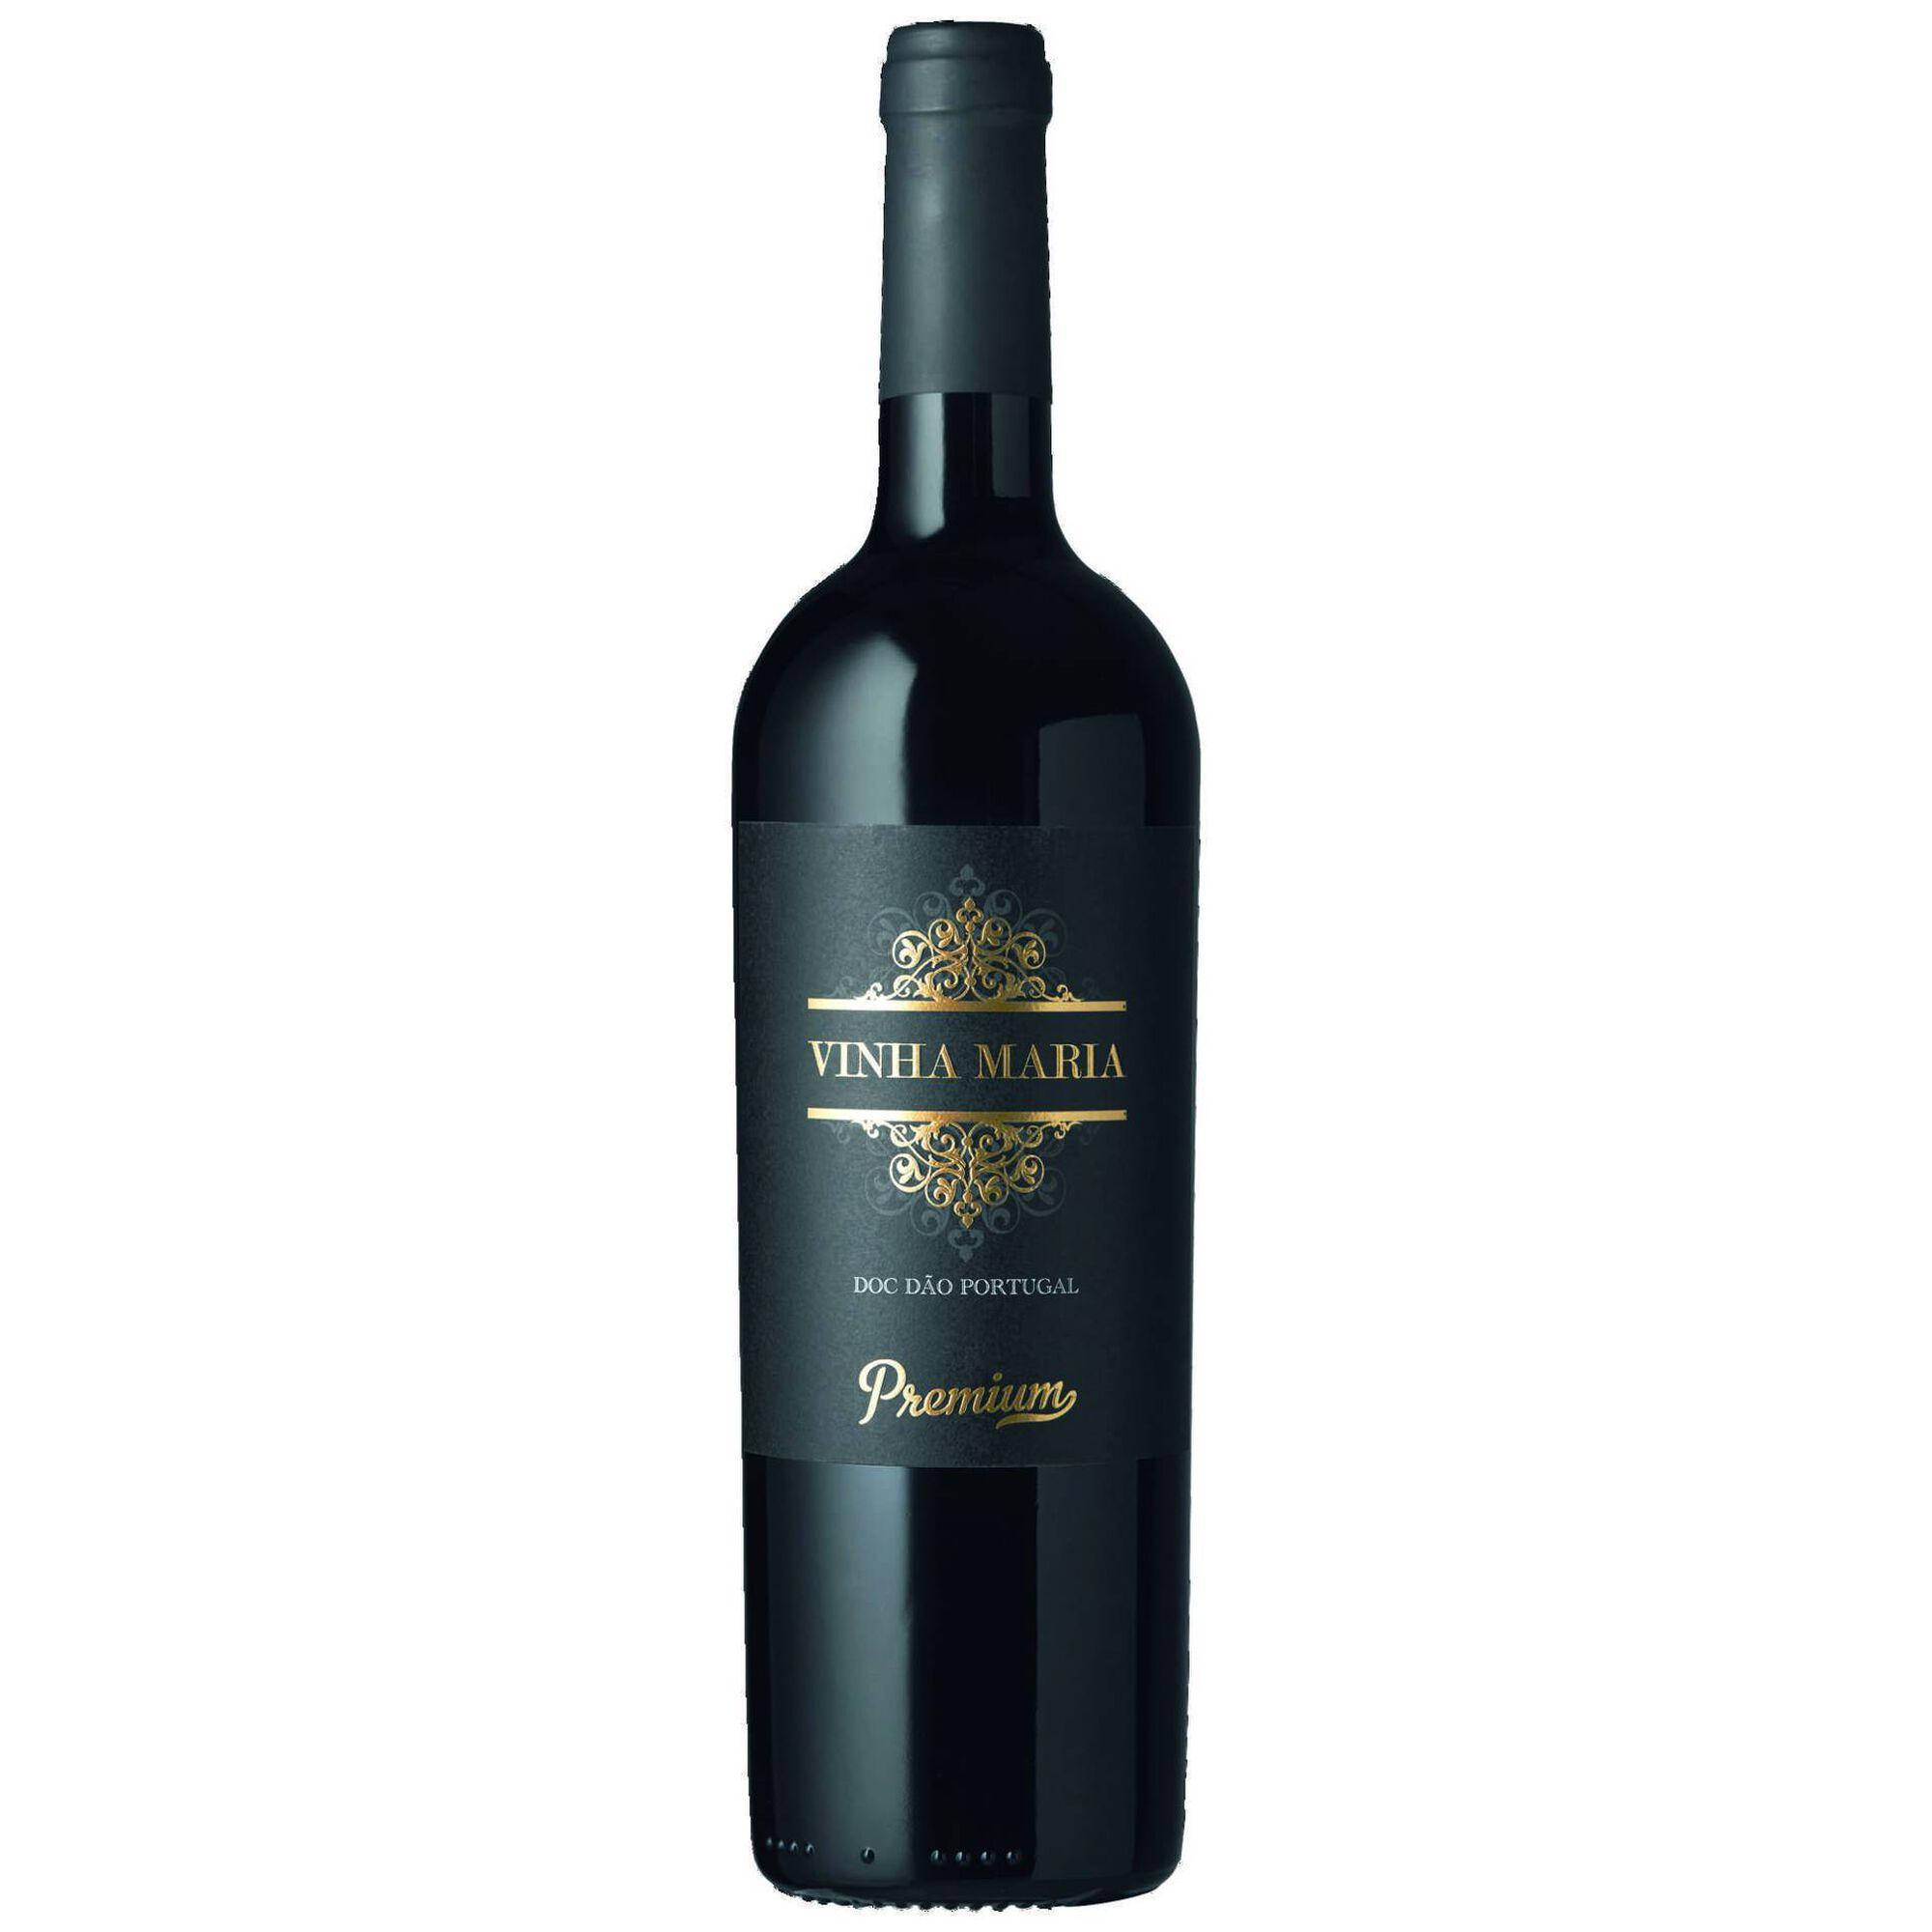 Vinha Maria Premium DOC Dão Vinho Tinto